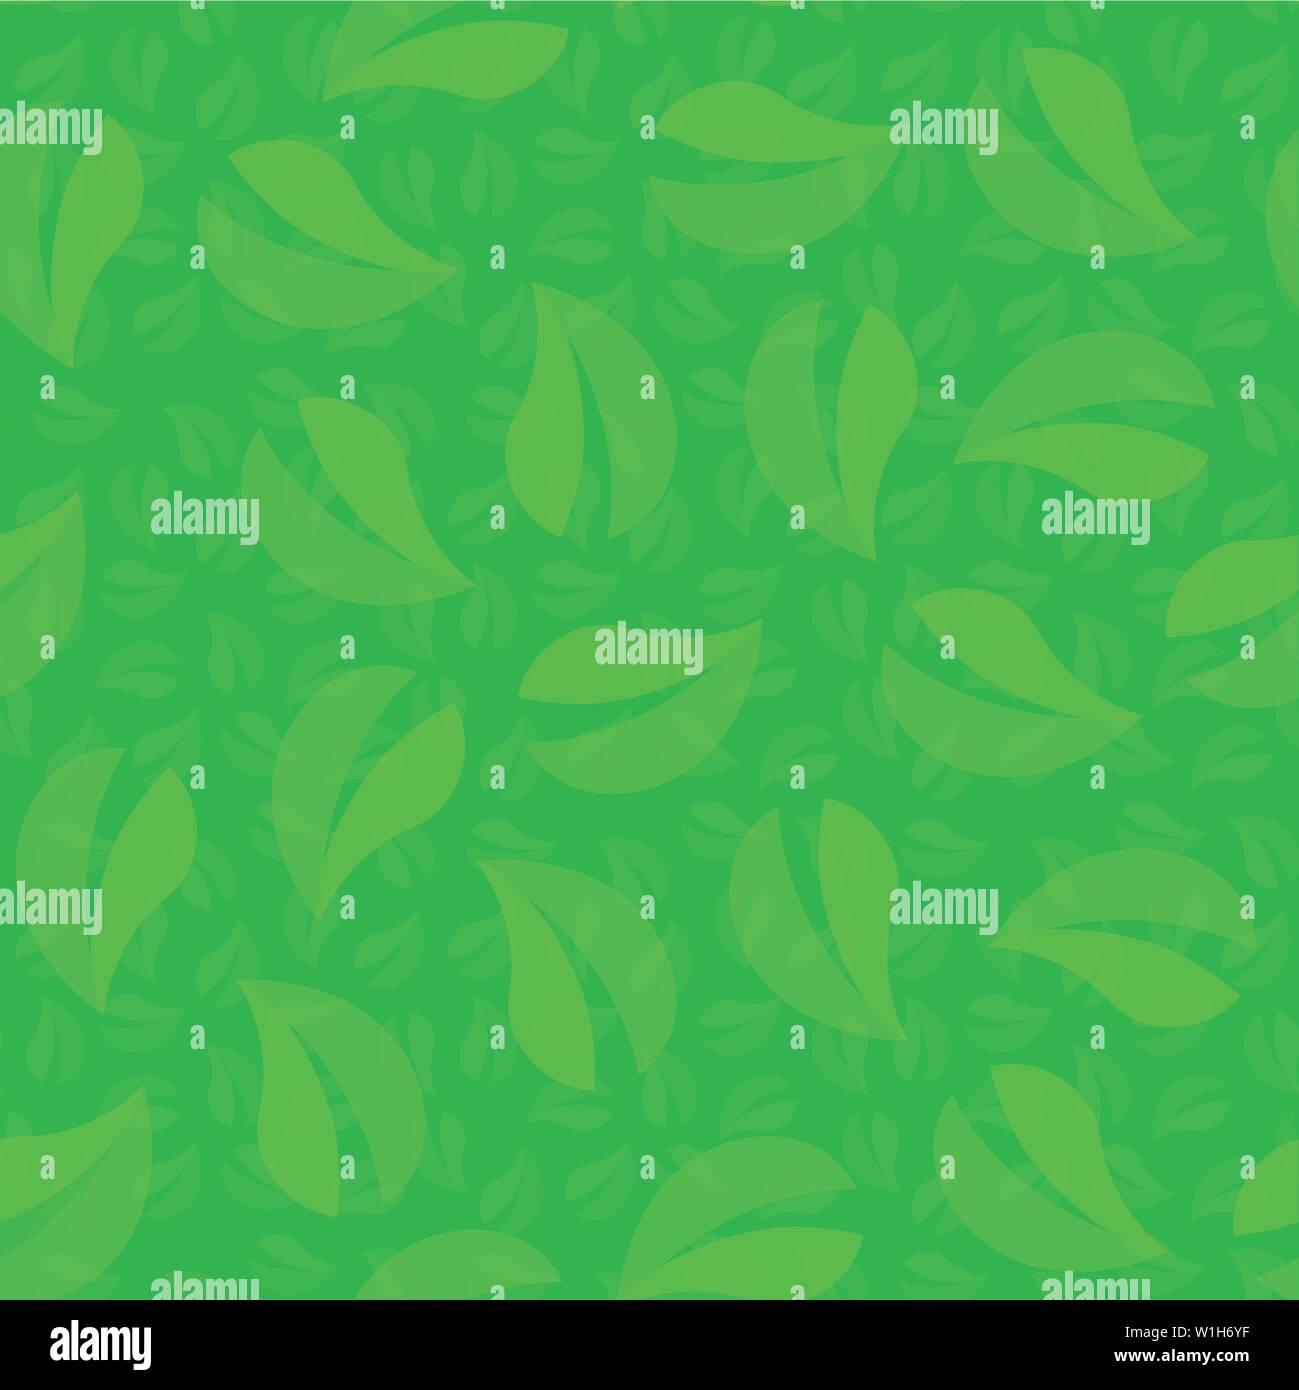 Les feuilles vertes de l'arbre, mis en boucle motif de fond transparent Illustration de Vecteur